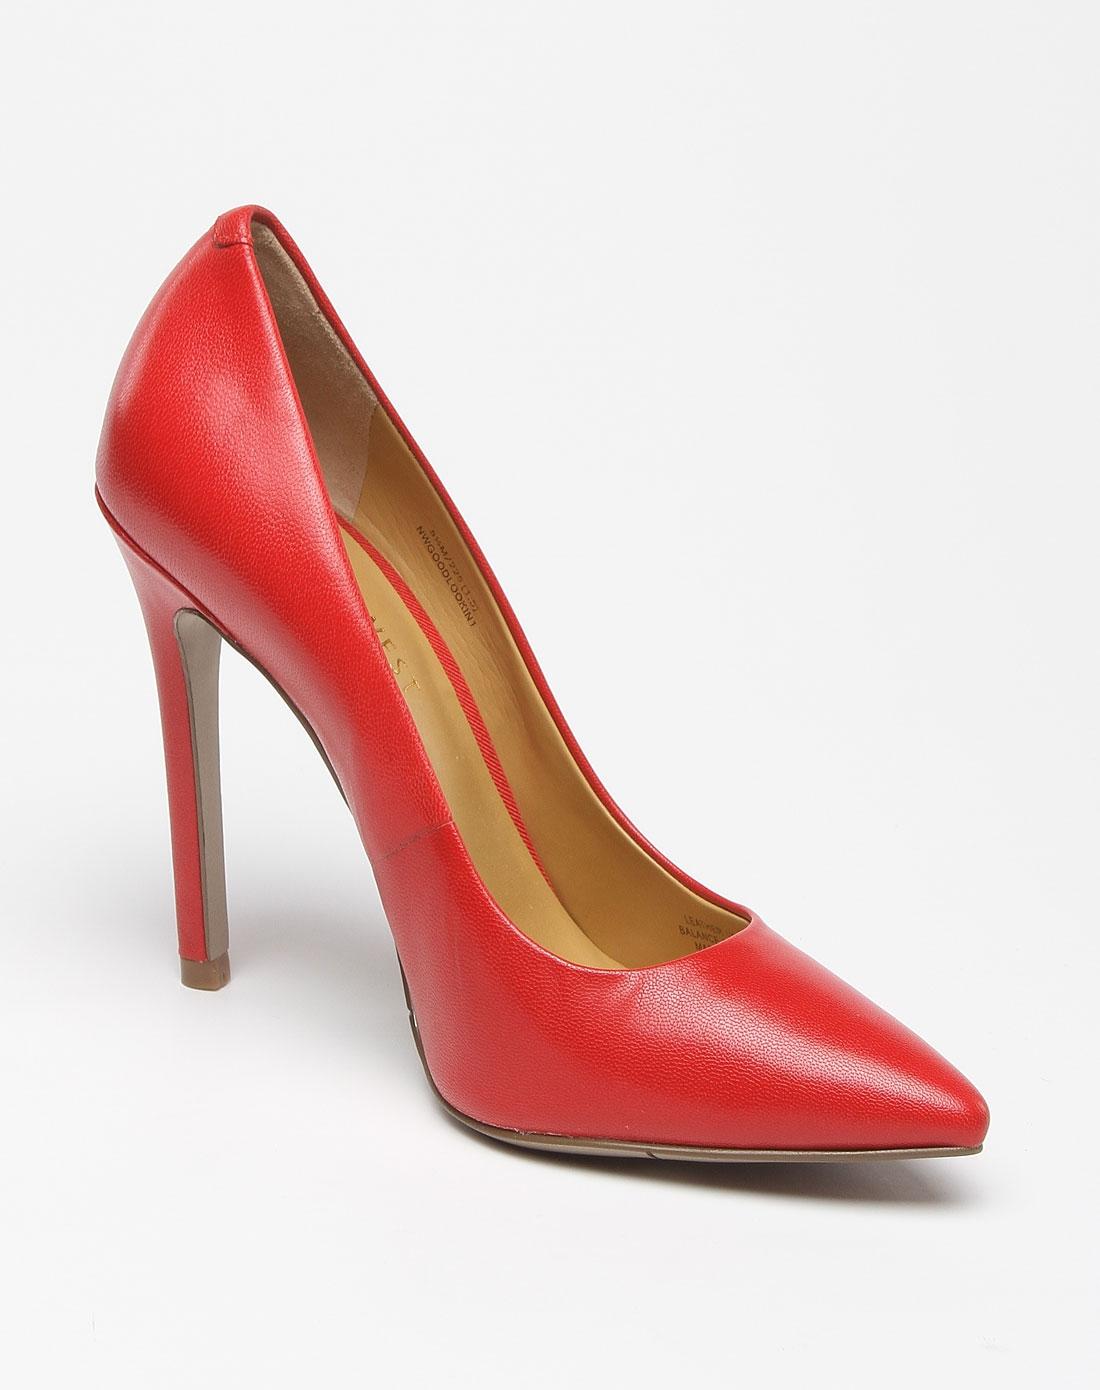 玖熙時尚麗人紅色尖頭高跟鞋圖片